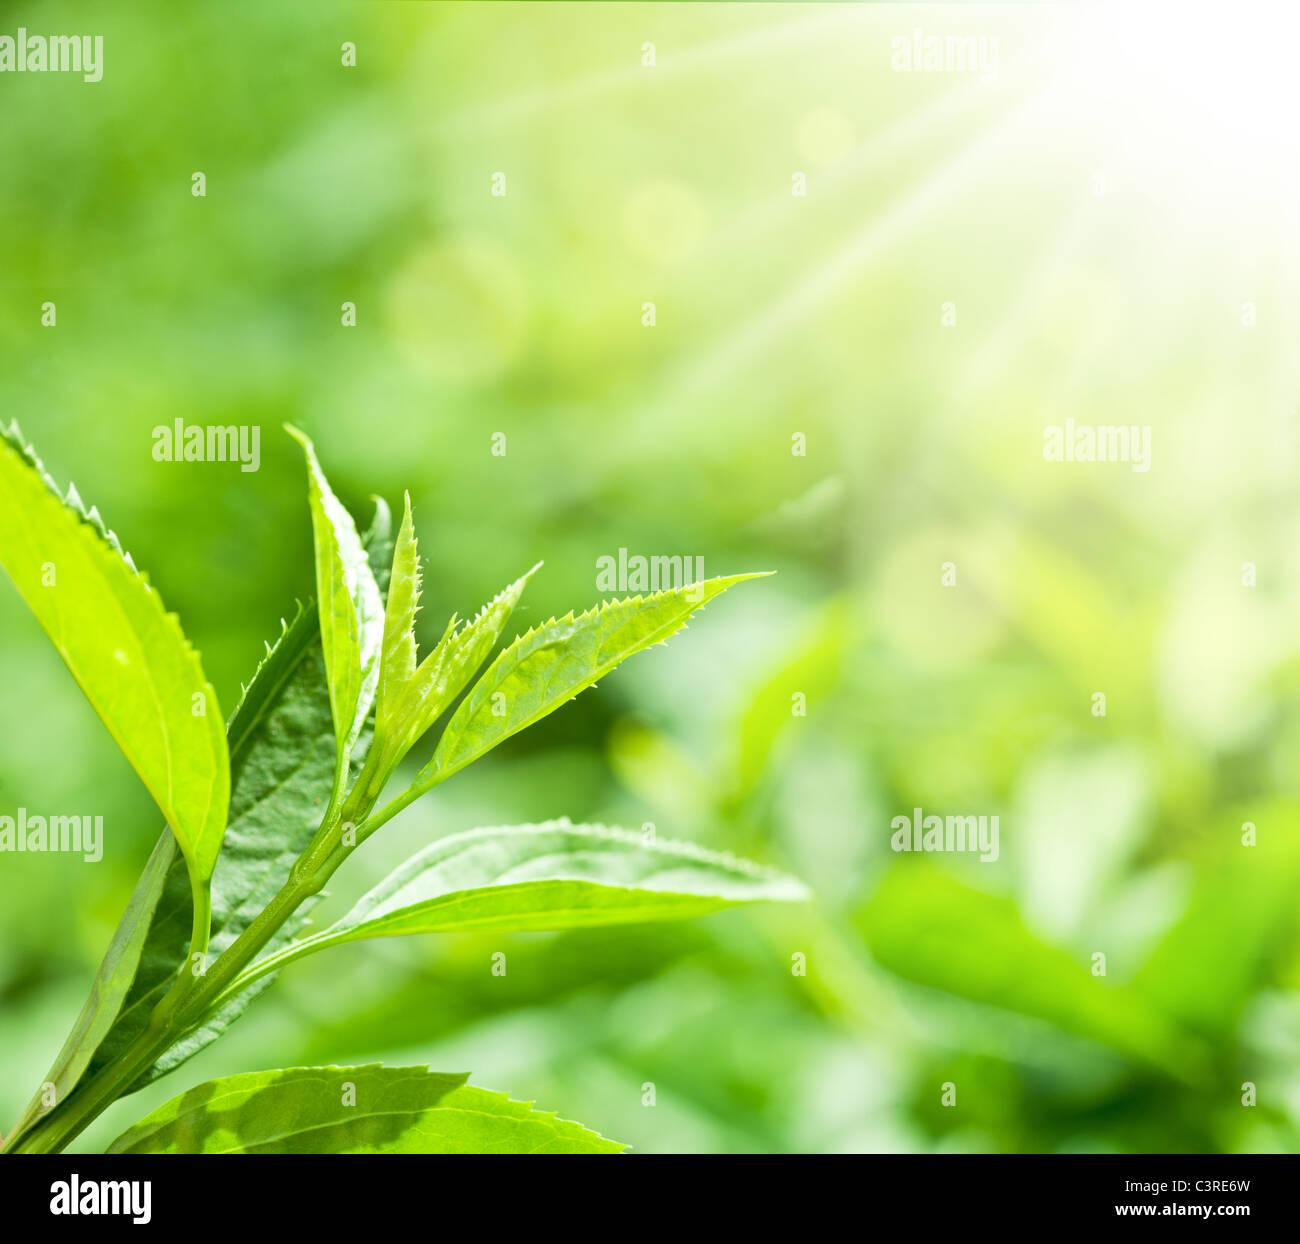 Les feuilles de thé dans une plantation dans les faisceaux de lumière du soleil. Photo Stock